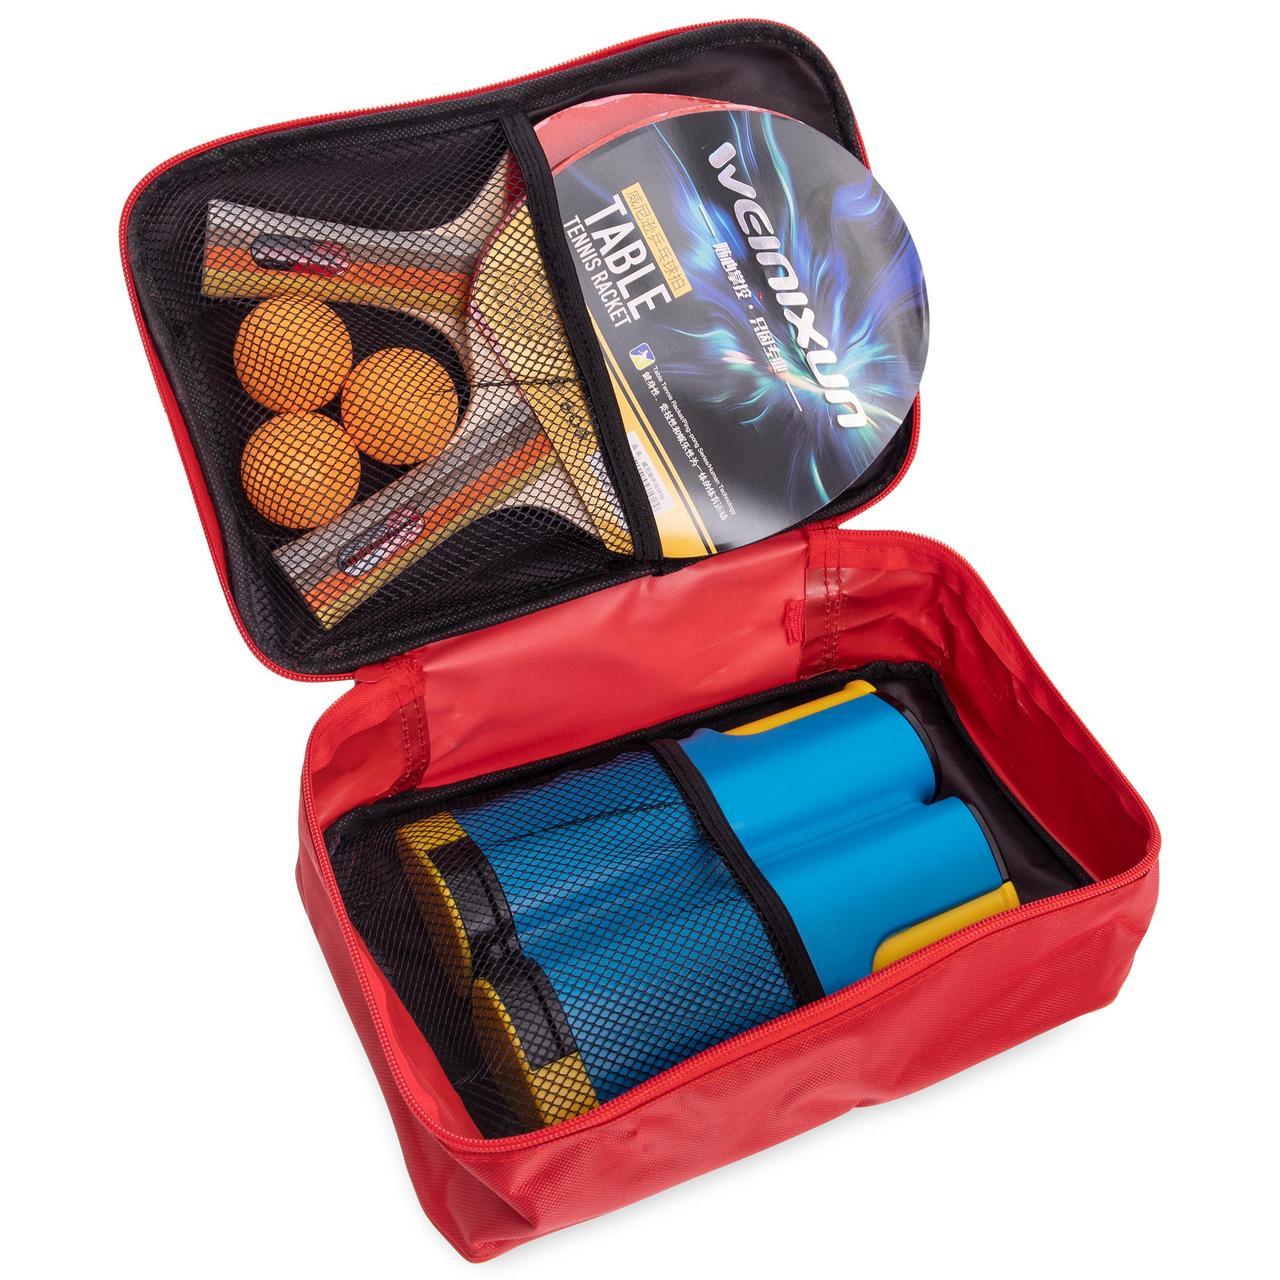 Комплект для настільного тенісу (2 ракетки, 3 м'ячі, сітка, чохол) WEINIXUN A270